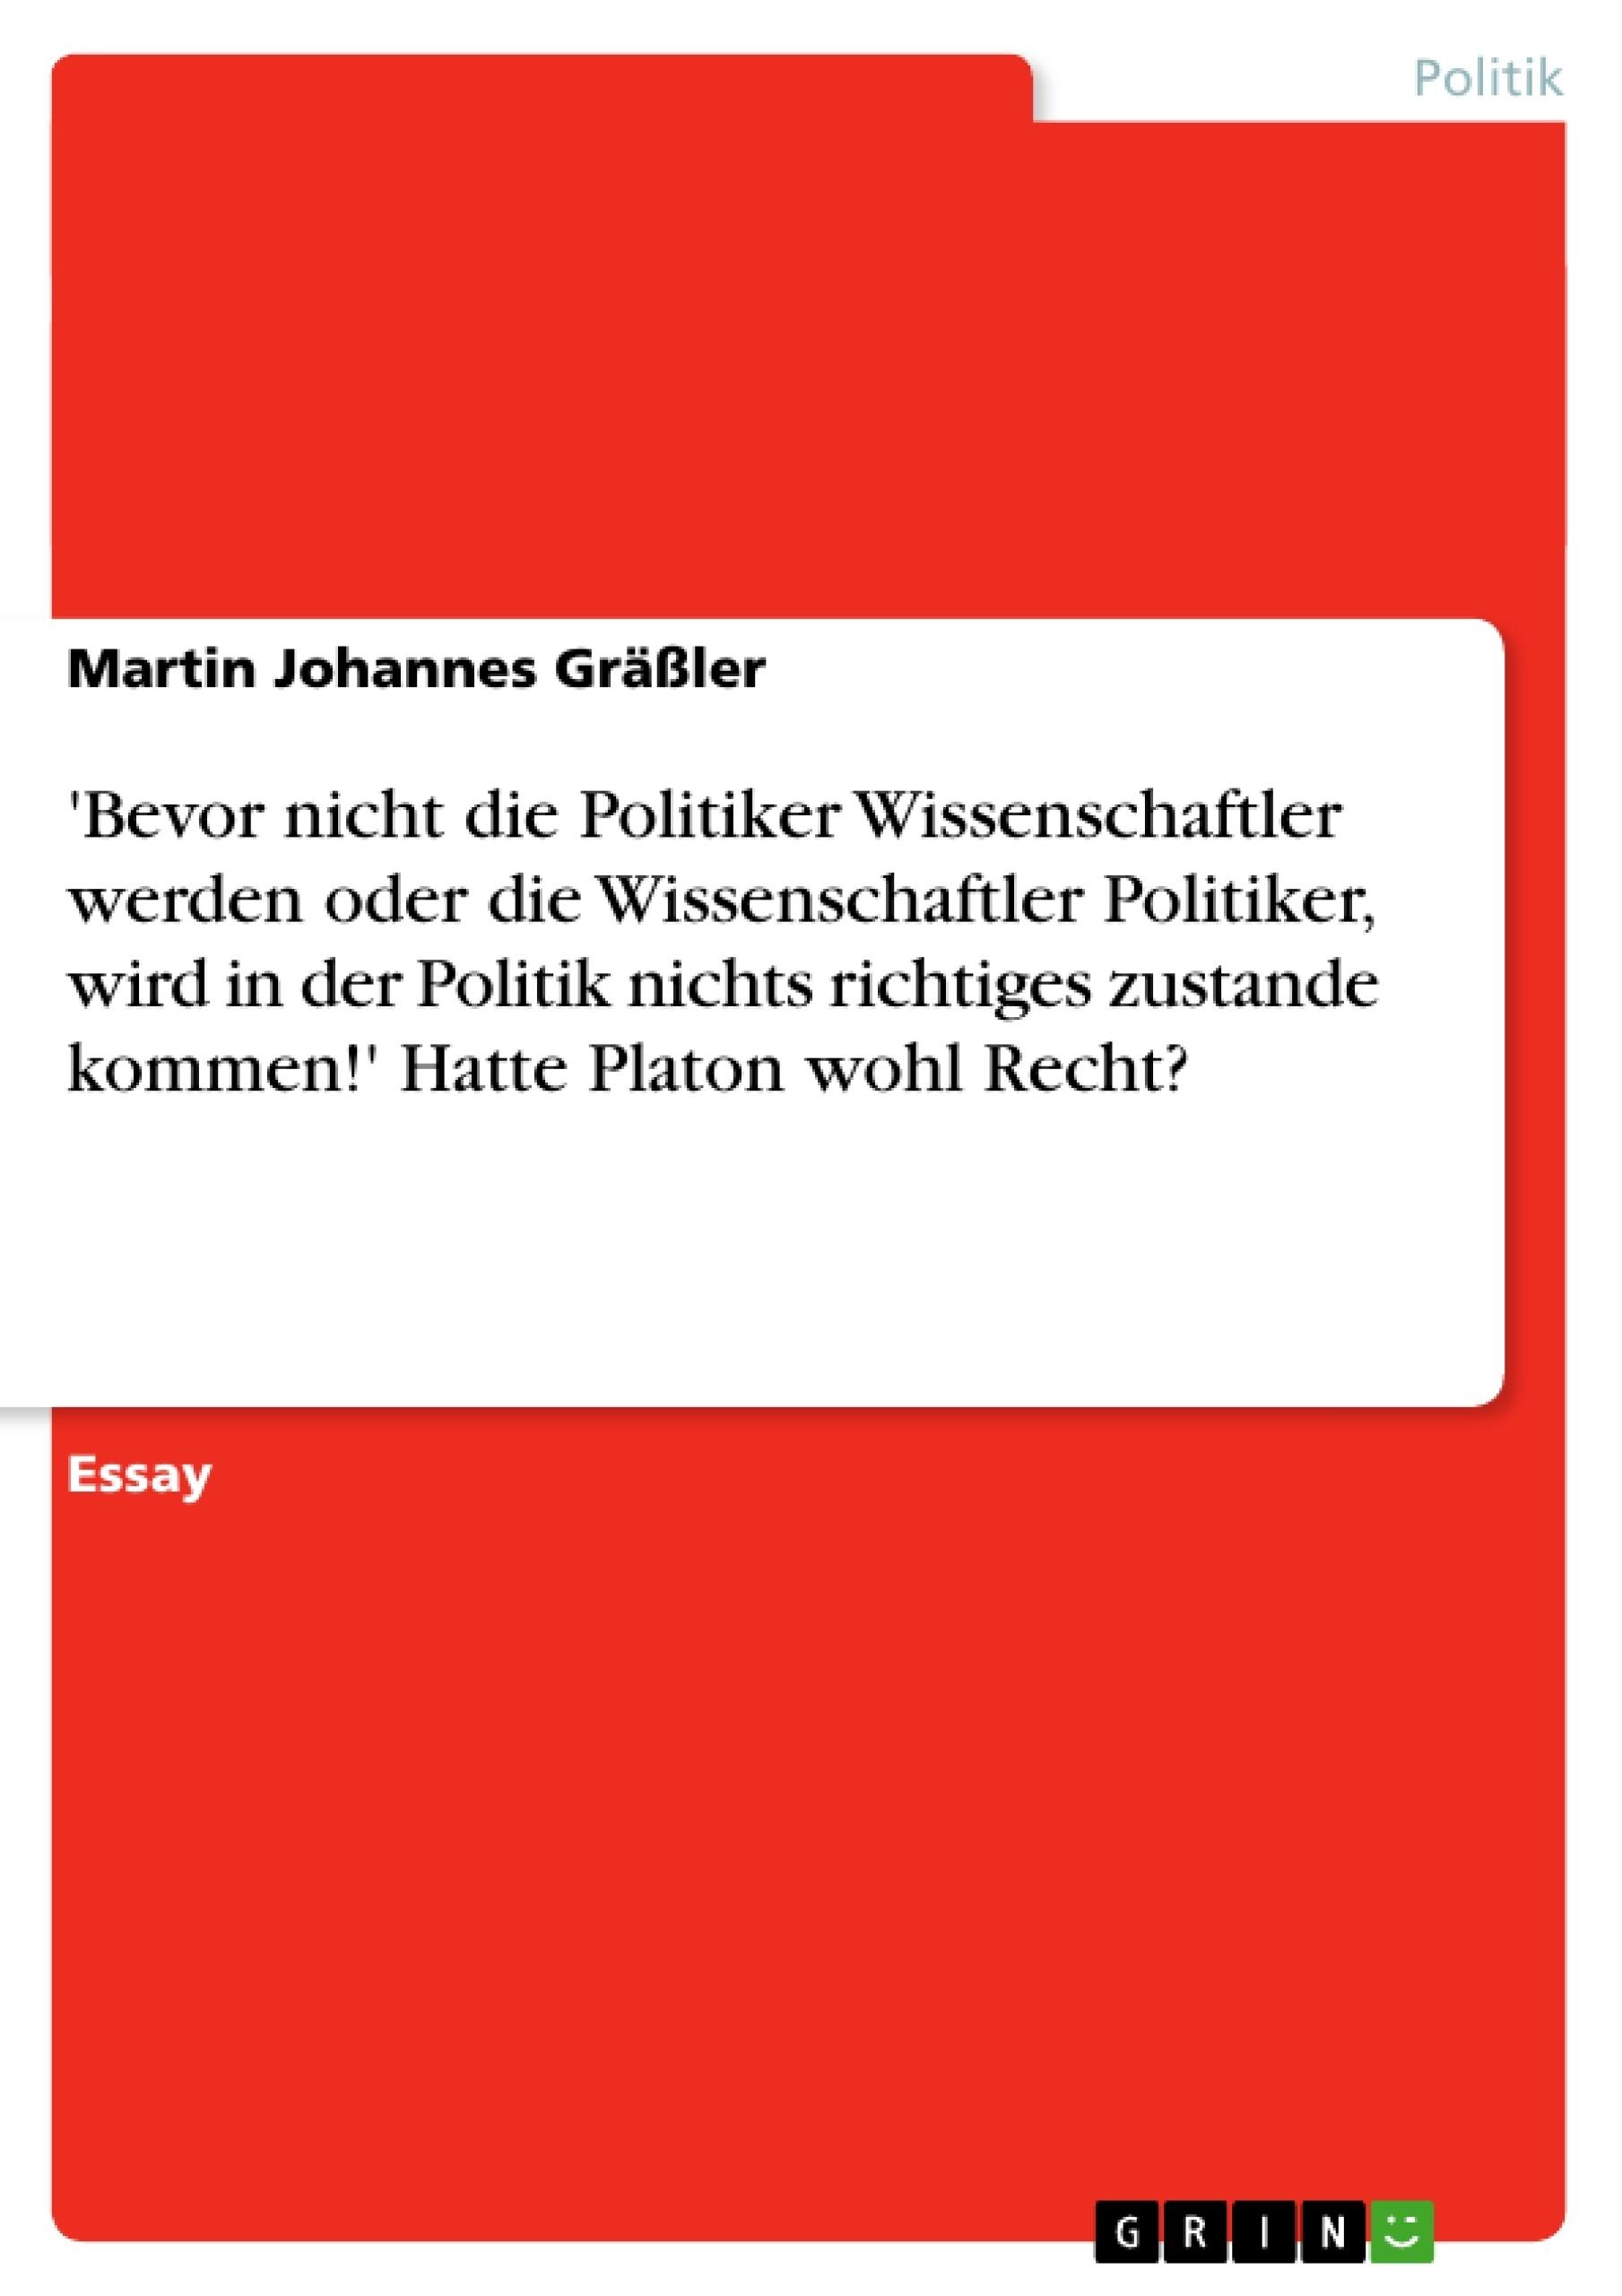 Titel: 'Bevor nicht die Politiker Wissenschaftler werden oder die Wissenschaftler Politiker, wird in der Politik nichts richtiges zustande kommen!' Hatte Platon wohl Recht?